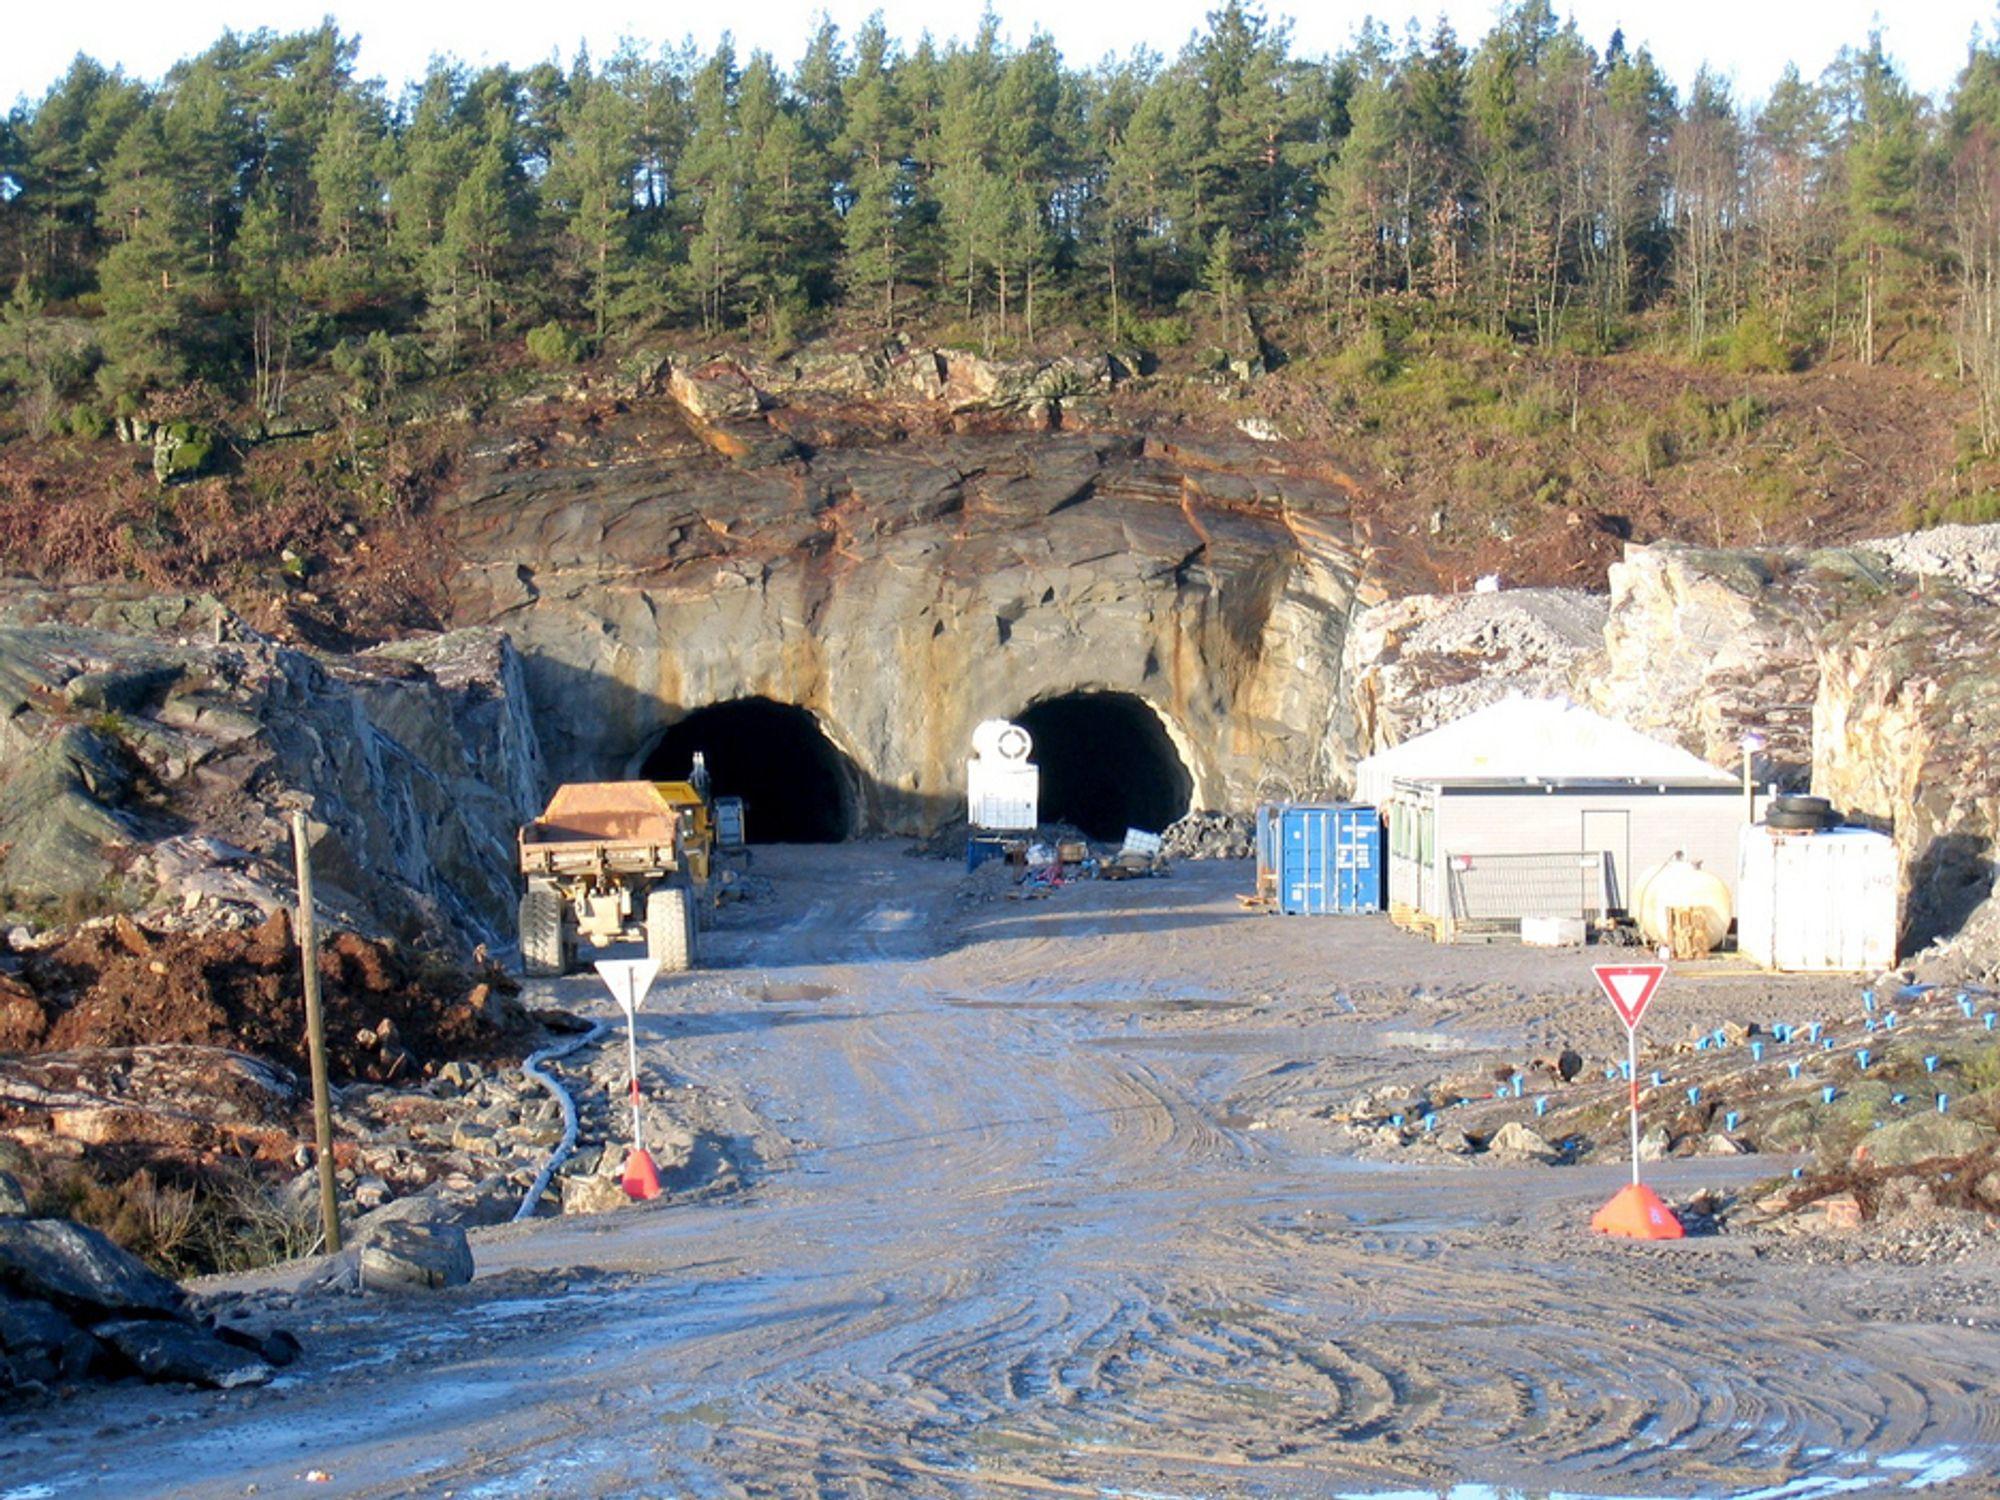 Utenlandske veiarbeidere i Norge får både godkjent lønn og greie arbeidsforhold. Her fra byggingen av OPS-prosjektet ny E18 fra Grimstad til Kristiansand.